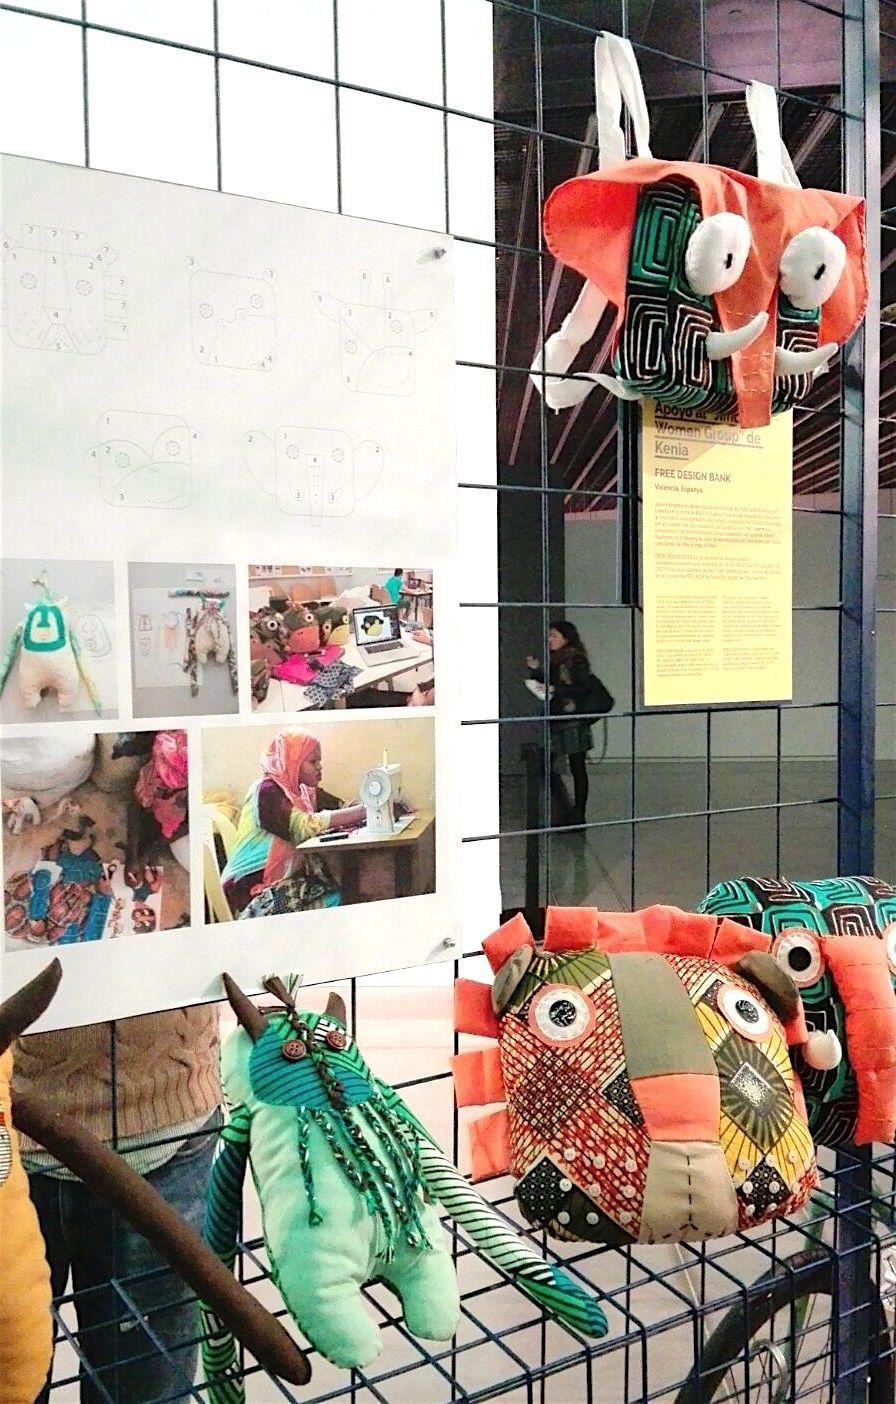 Fotos y objetos del proyecto en Kenia del Free Design Bank, en el Museo del Diseño de Barcelona.